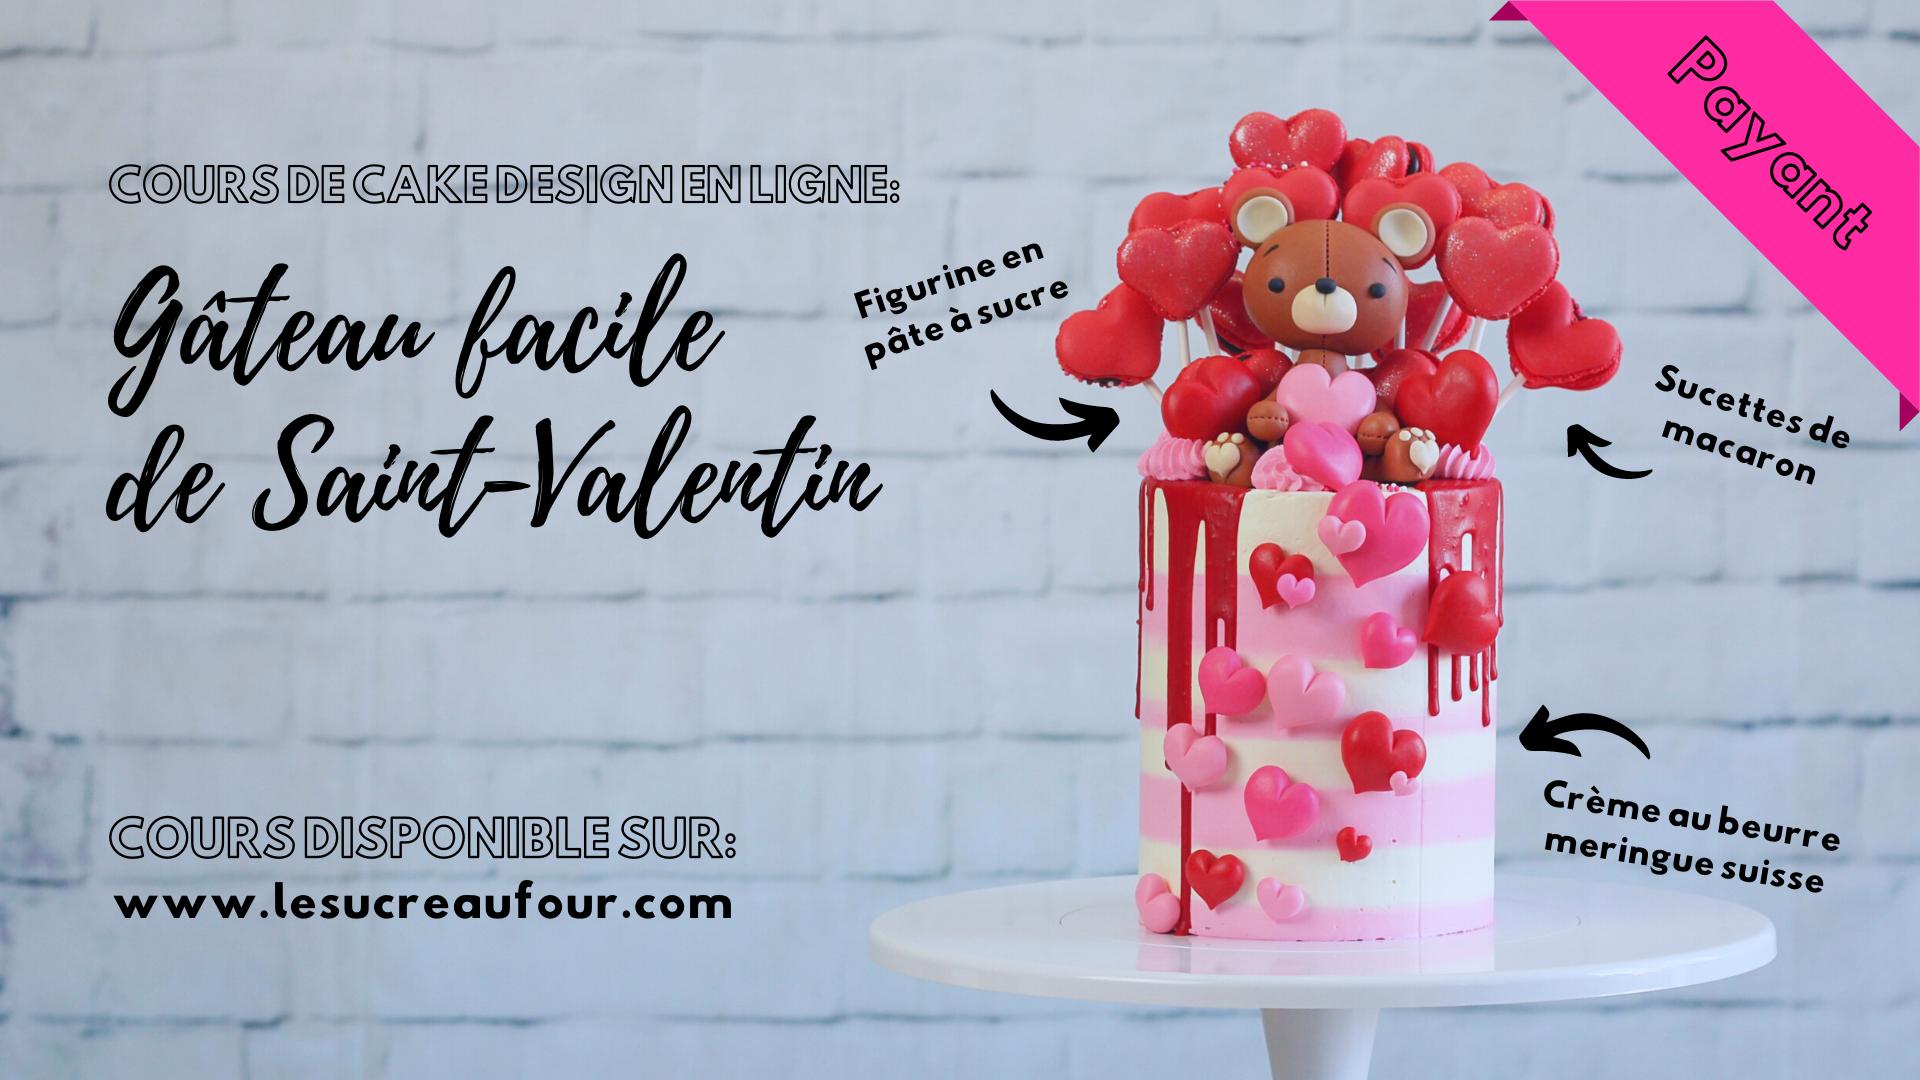 Cours de cake design en ligne gateau saint-valentin facile